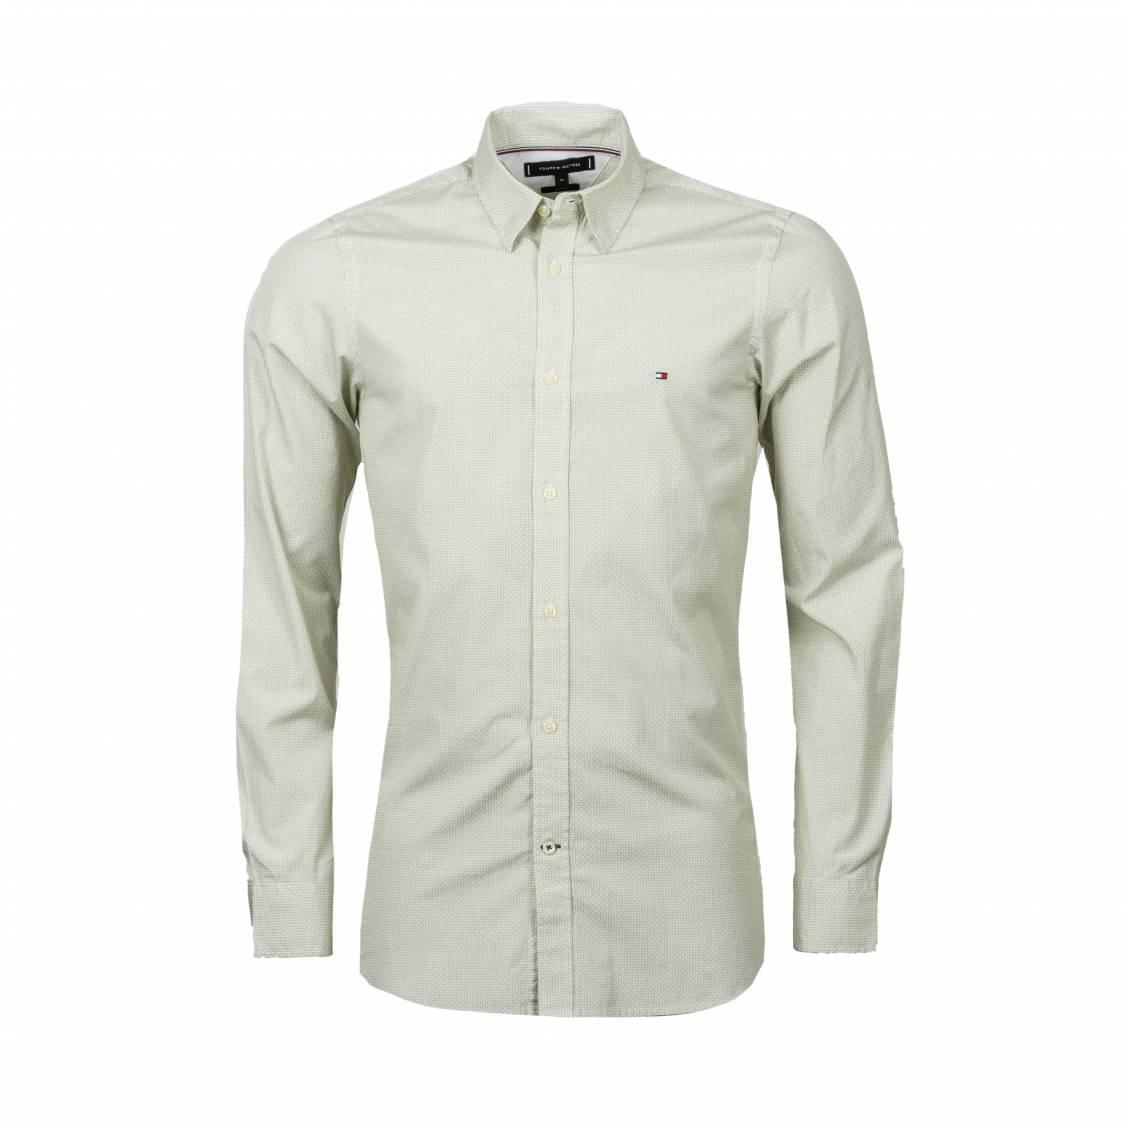 Chemise coupe cintrée Tommy Hilfiger en coton à micros motifs blancs et verts